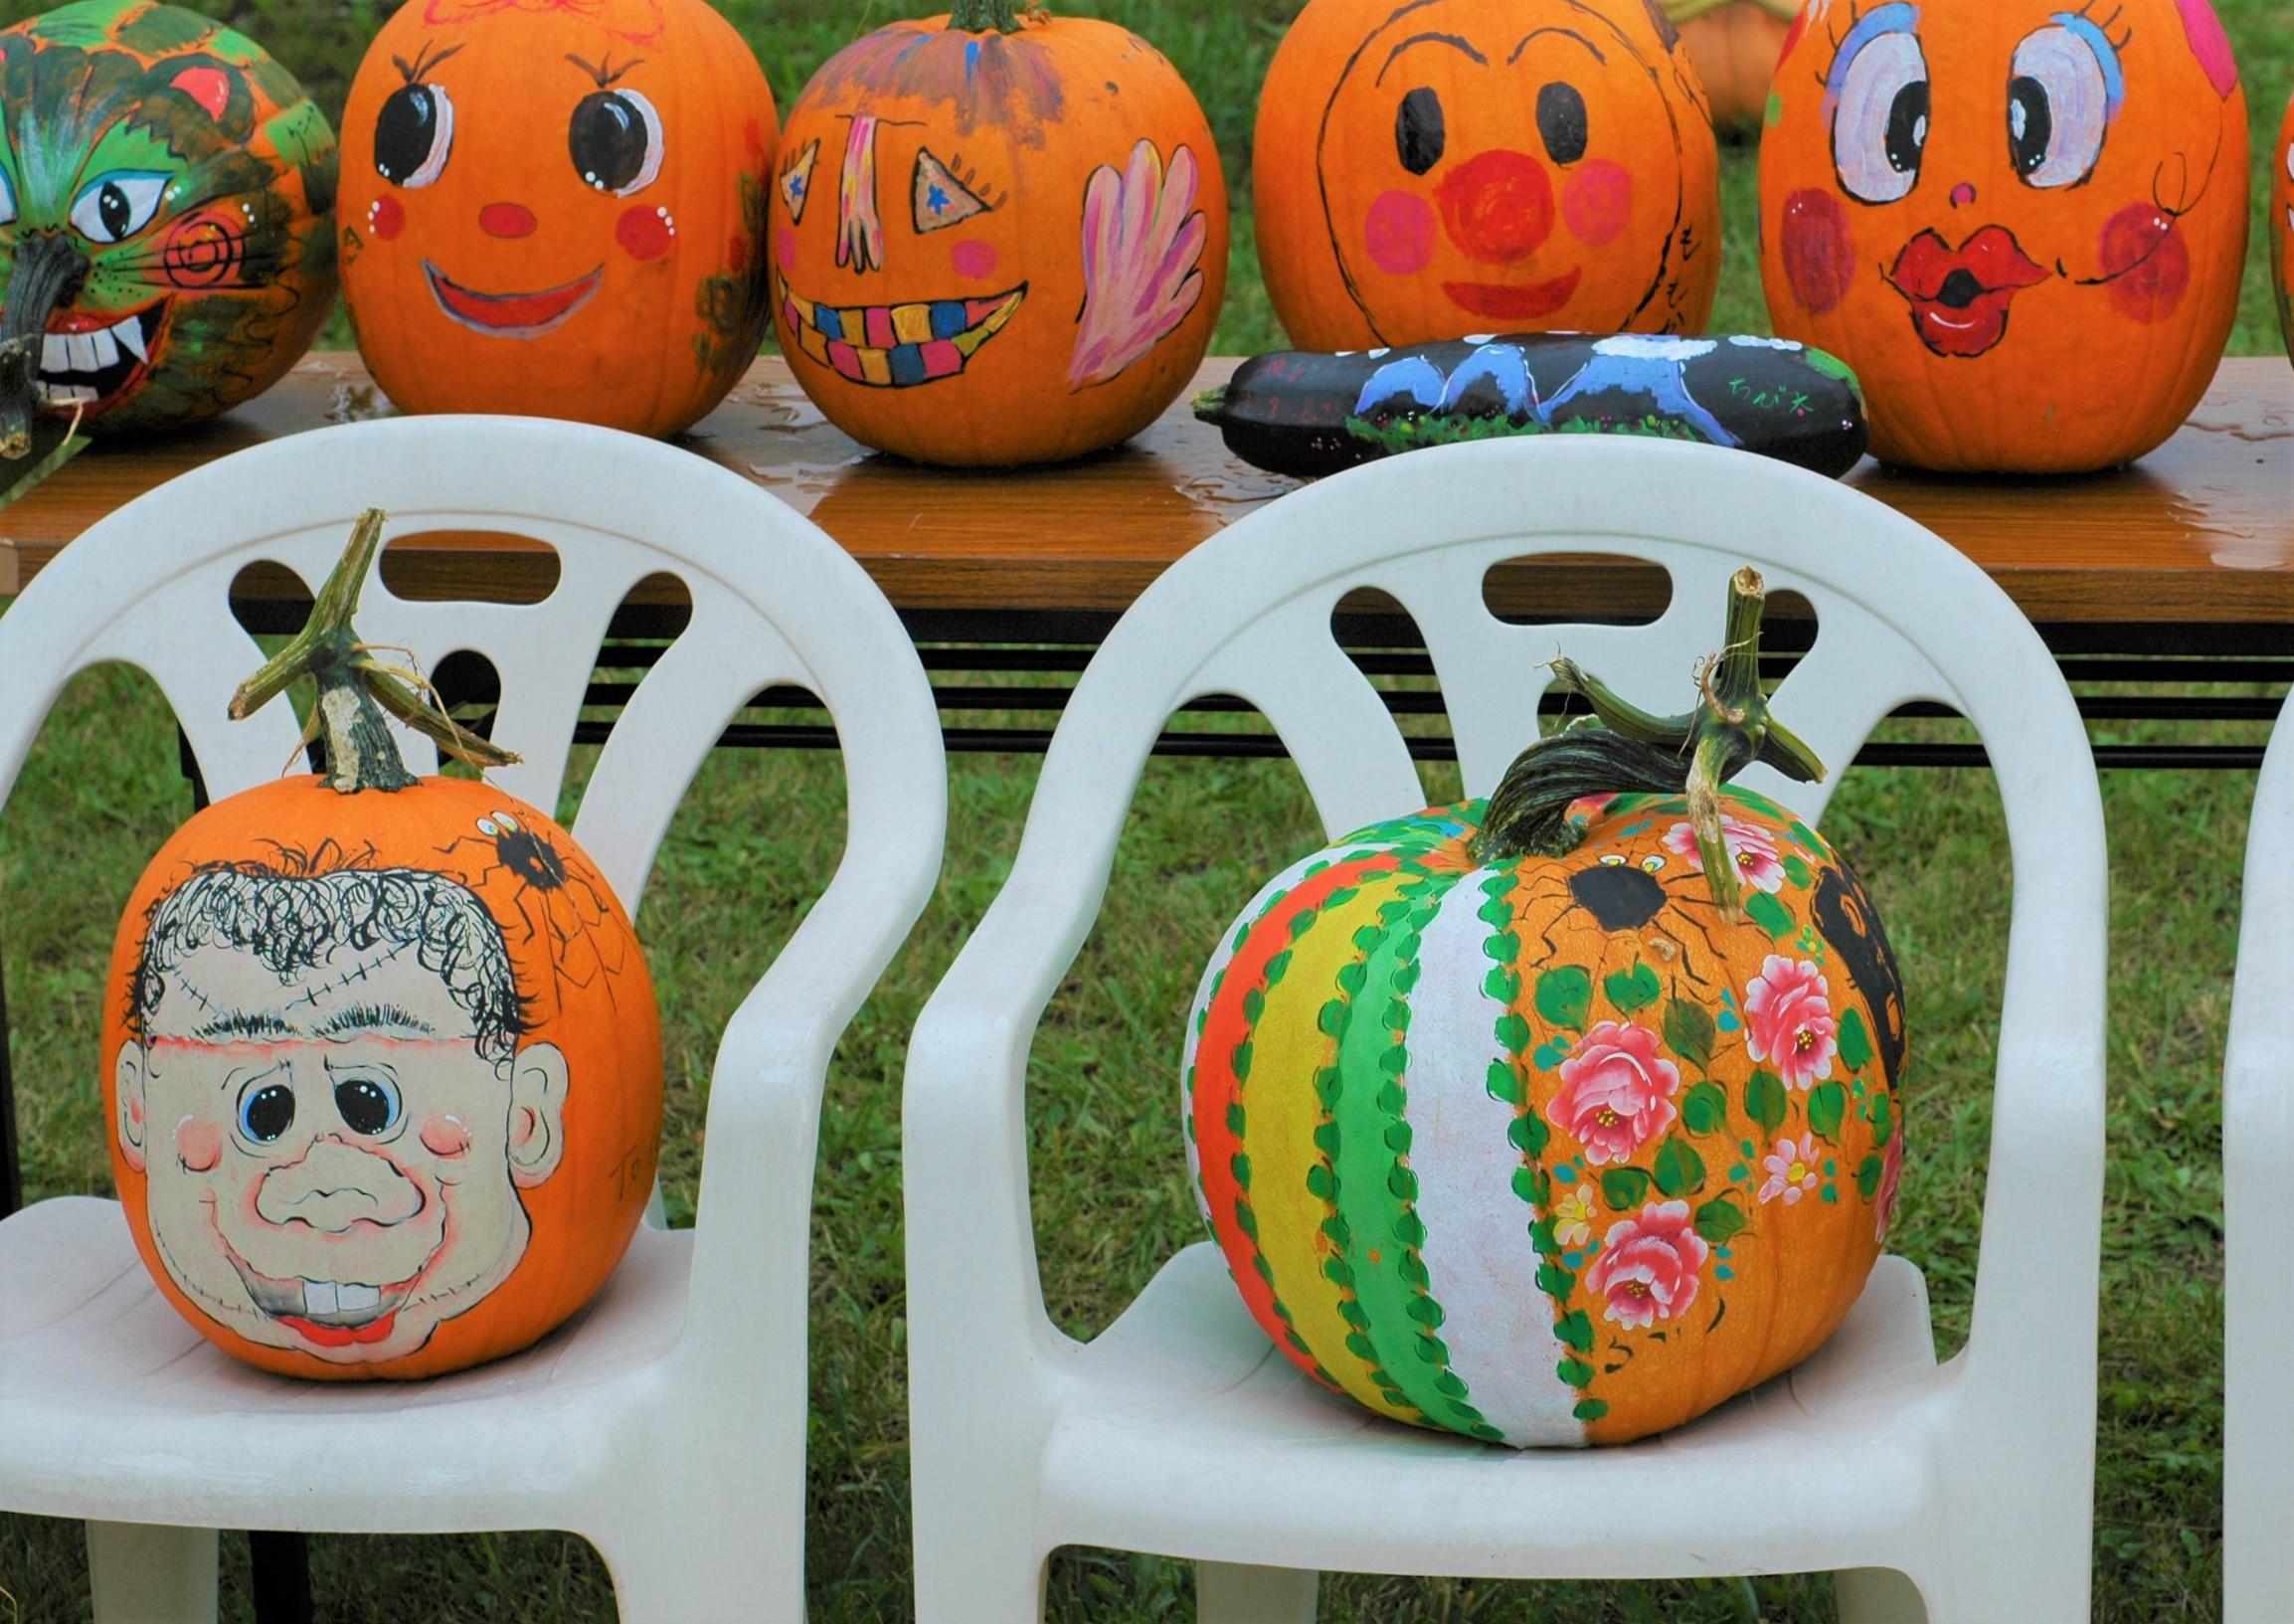 きいろかぼちゃ落書きこんでストの応募作品